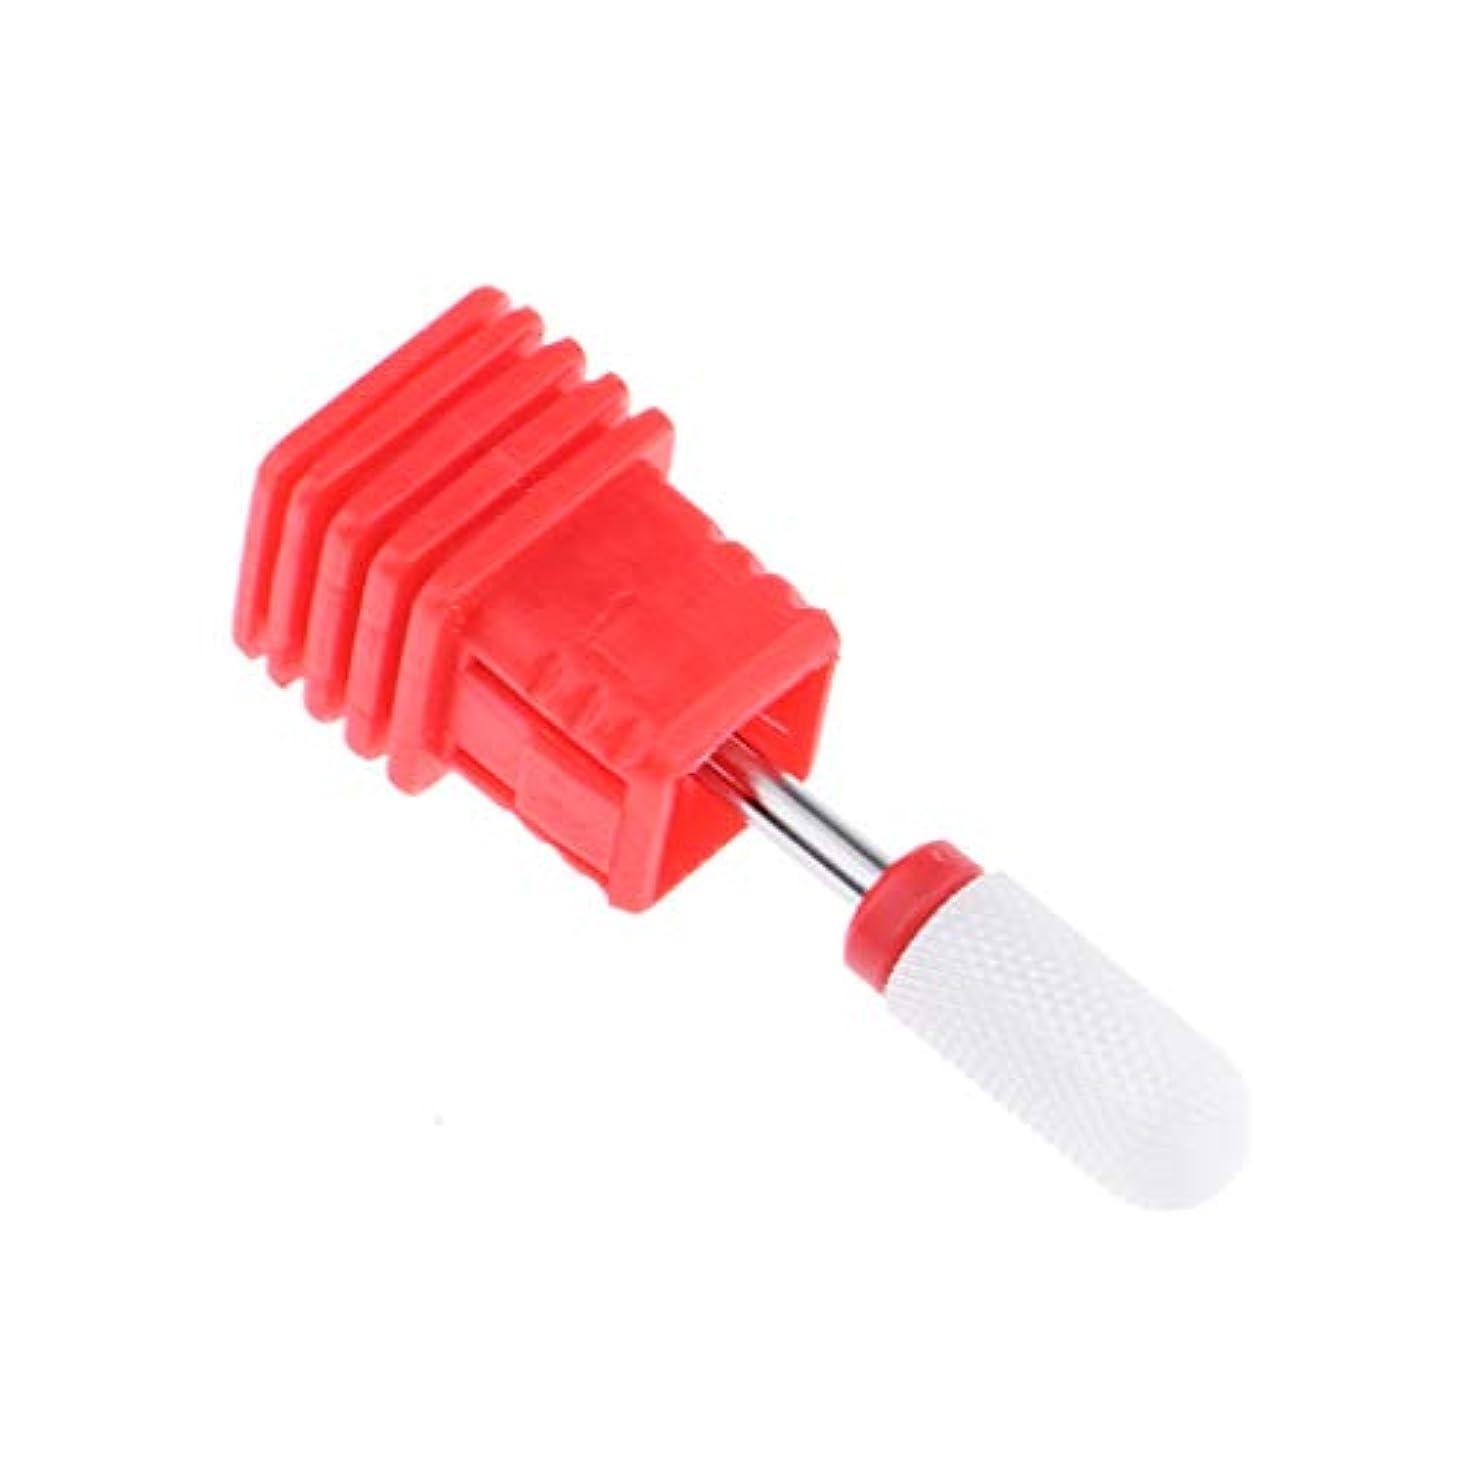 三十オール明示的にネイルドリルビット ネイル研削 ネイルアート道具 爪磨き ネイルファイル 4サイズ選べ - レッドファインリッジ